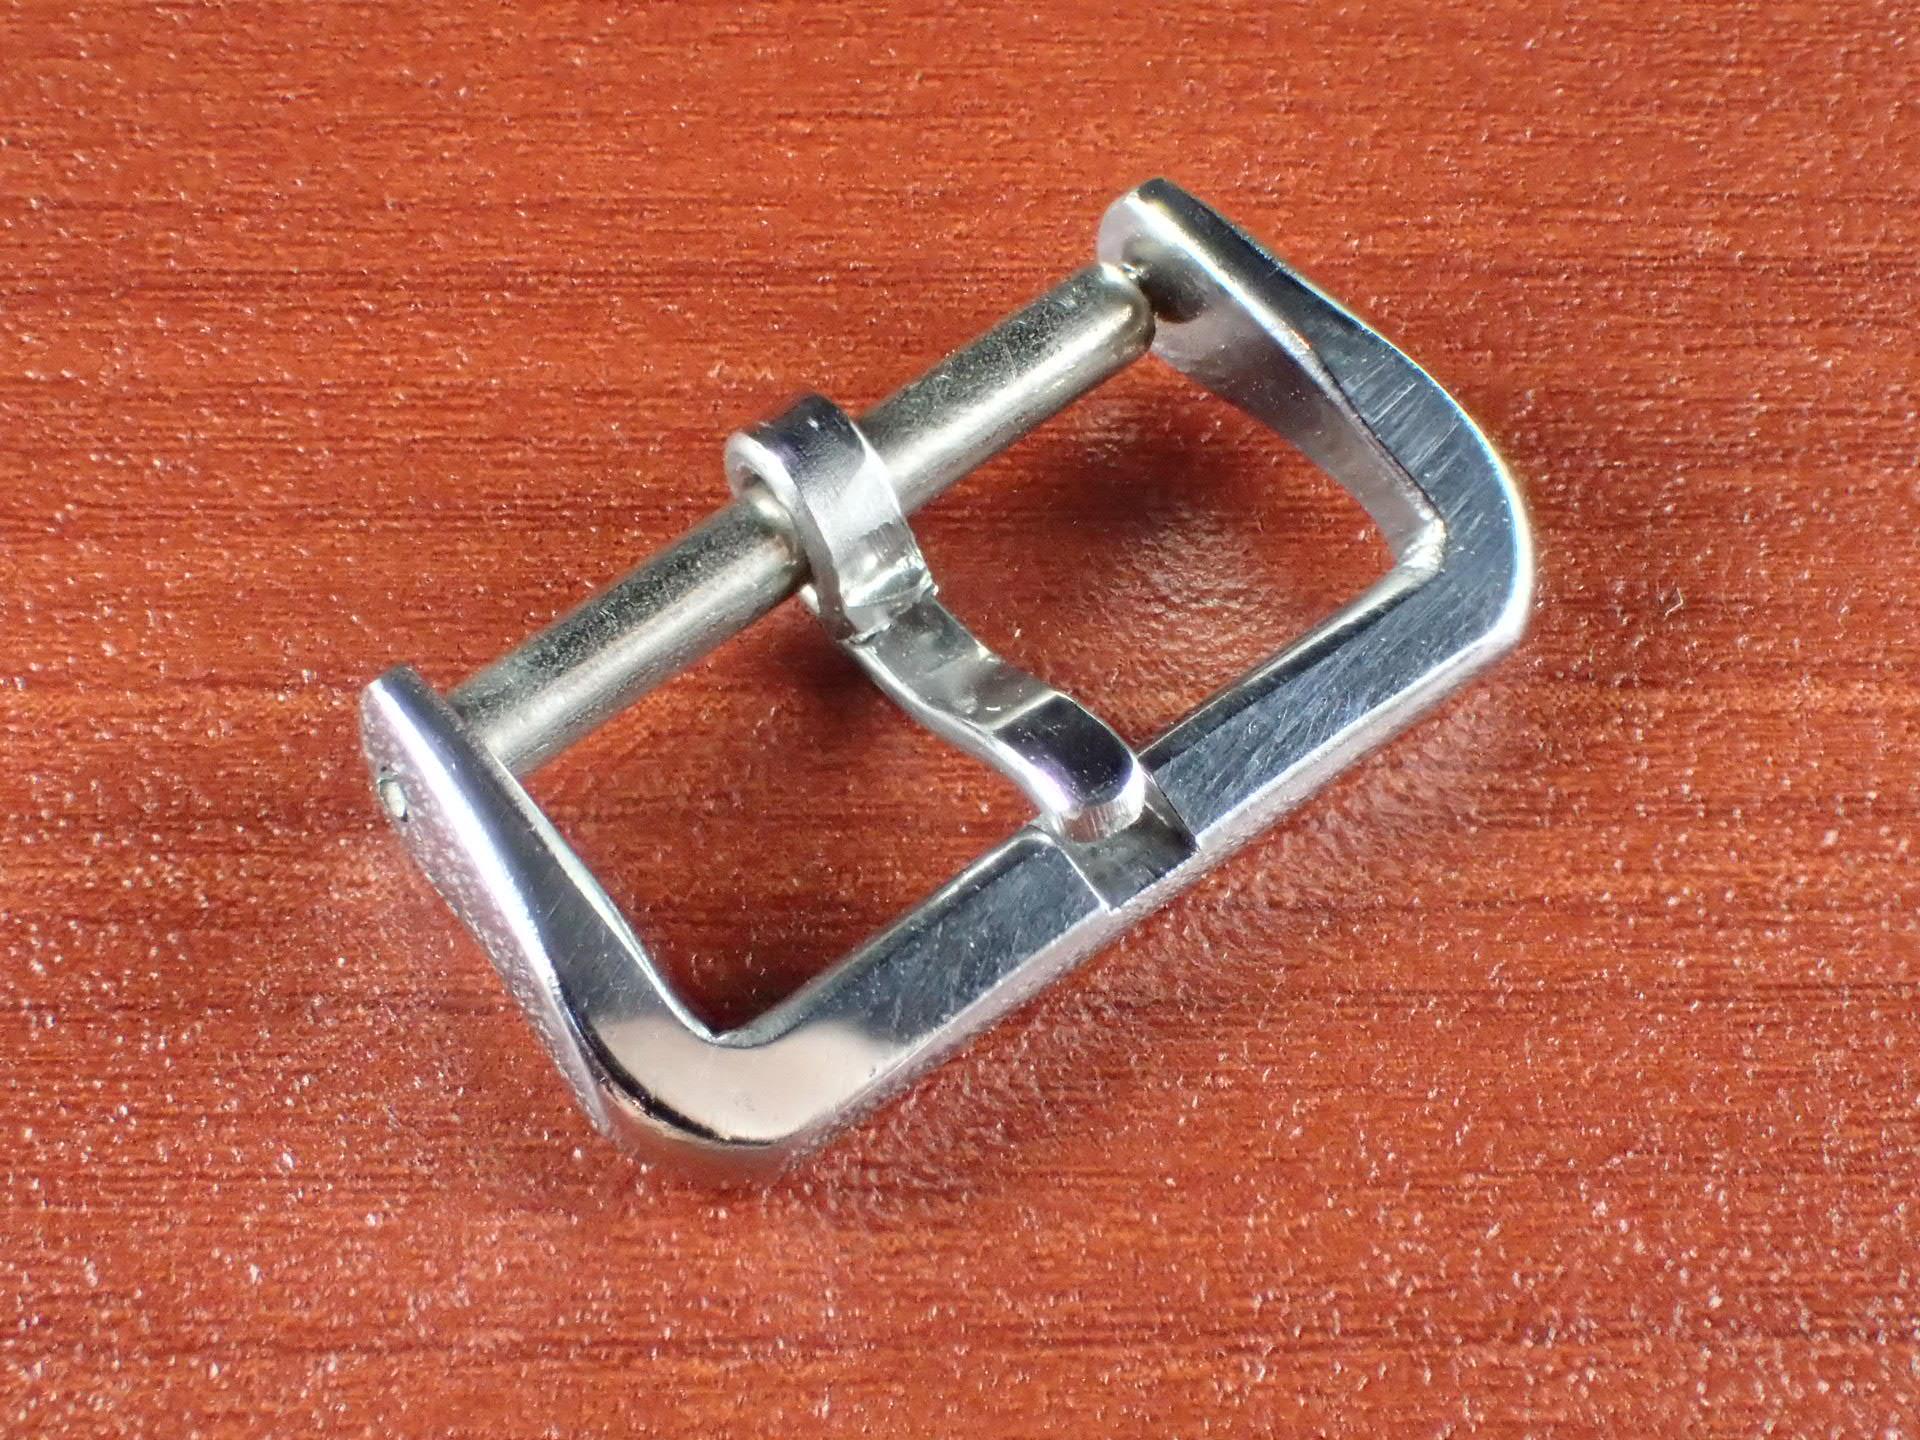 ヴィンテージSS尾錠 16mm ニューオールドストック N.O.S. 1940年代のメイン写真